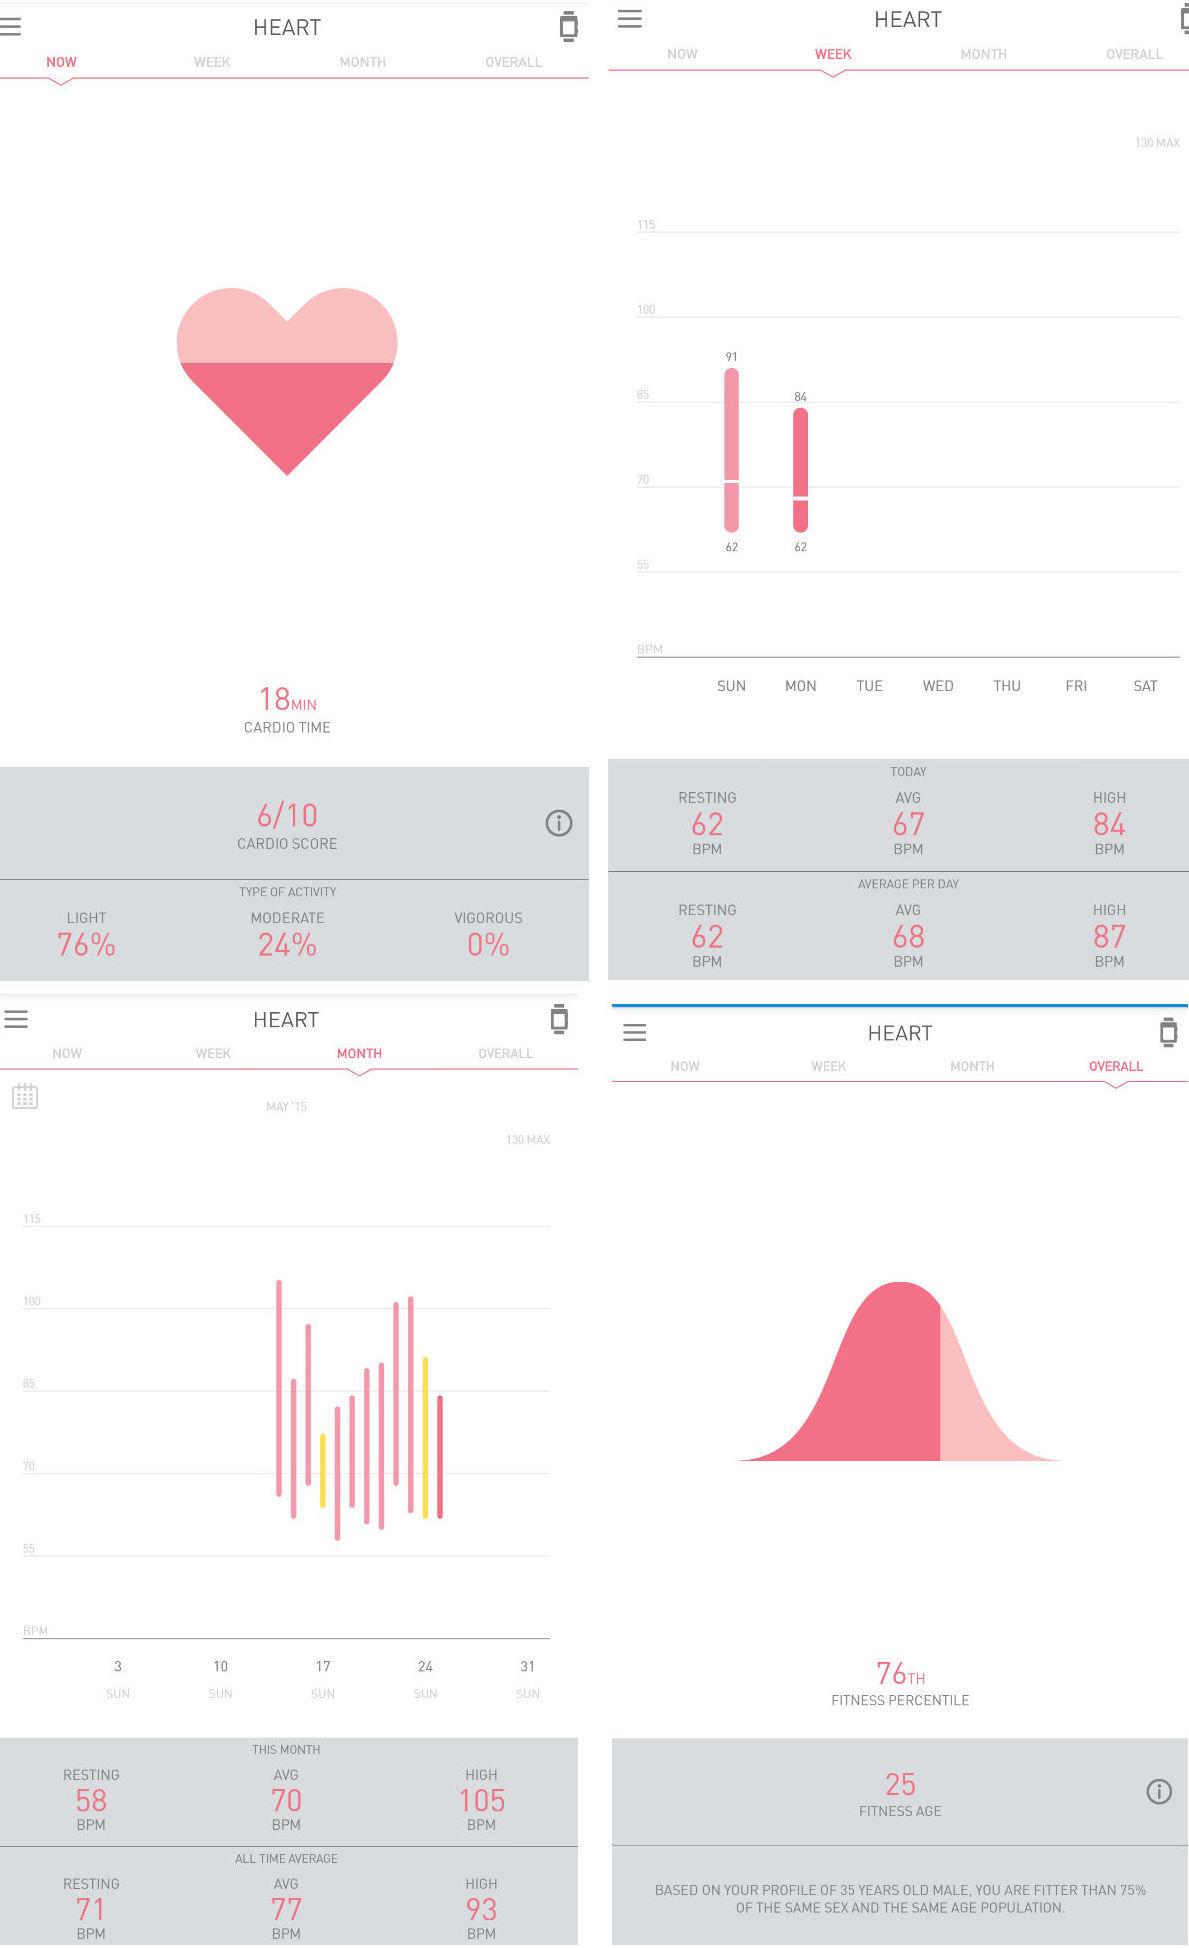 Череда обновлений. Что нового у Lumo lift, Wellograph, Xiaomi и Google fit: прошивки, обновления, версии - 5